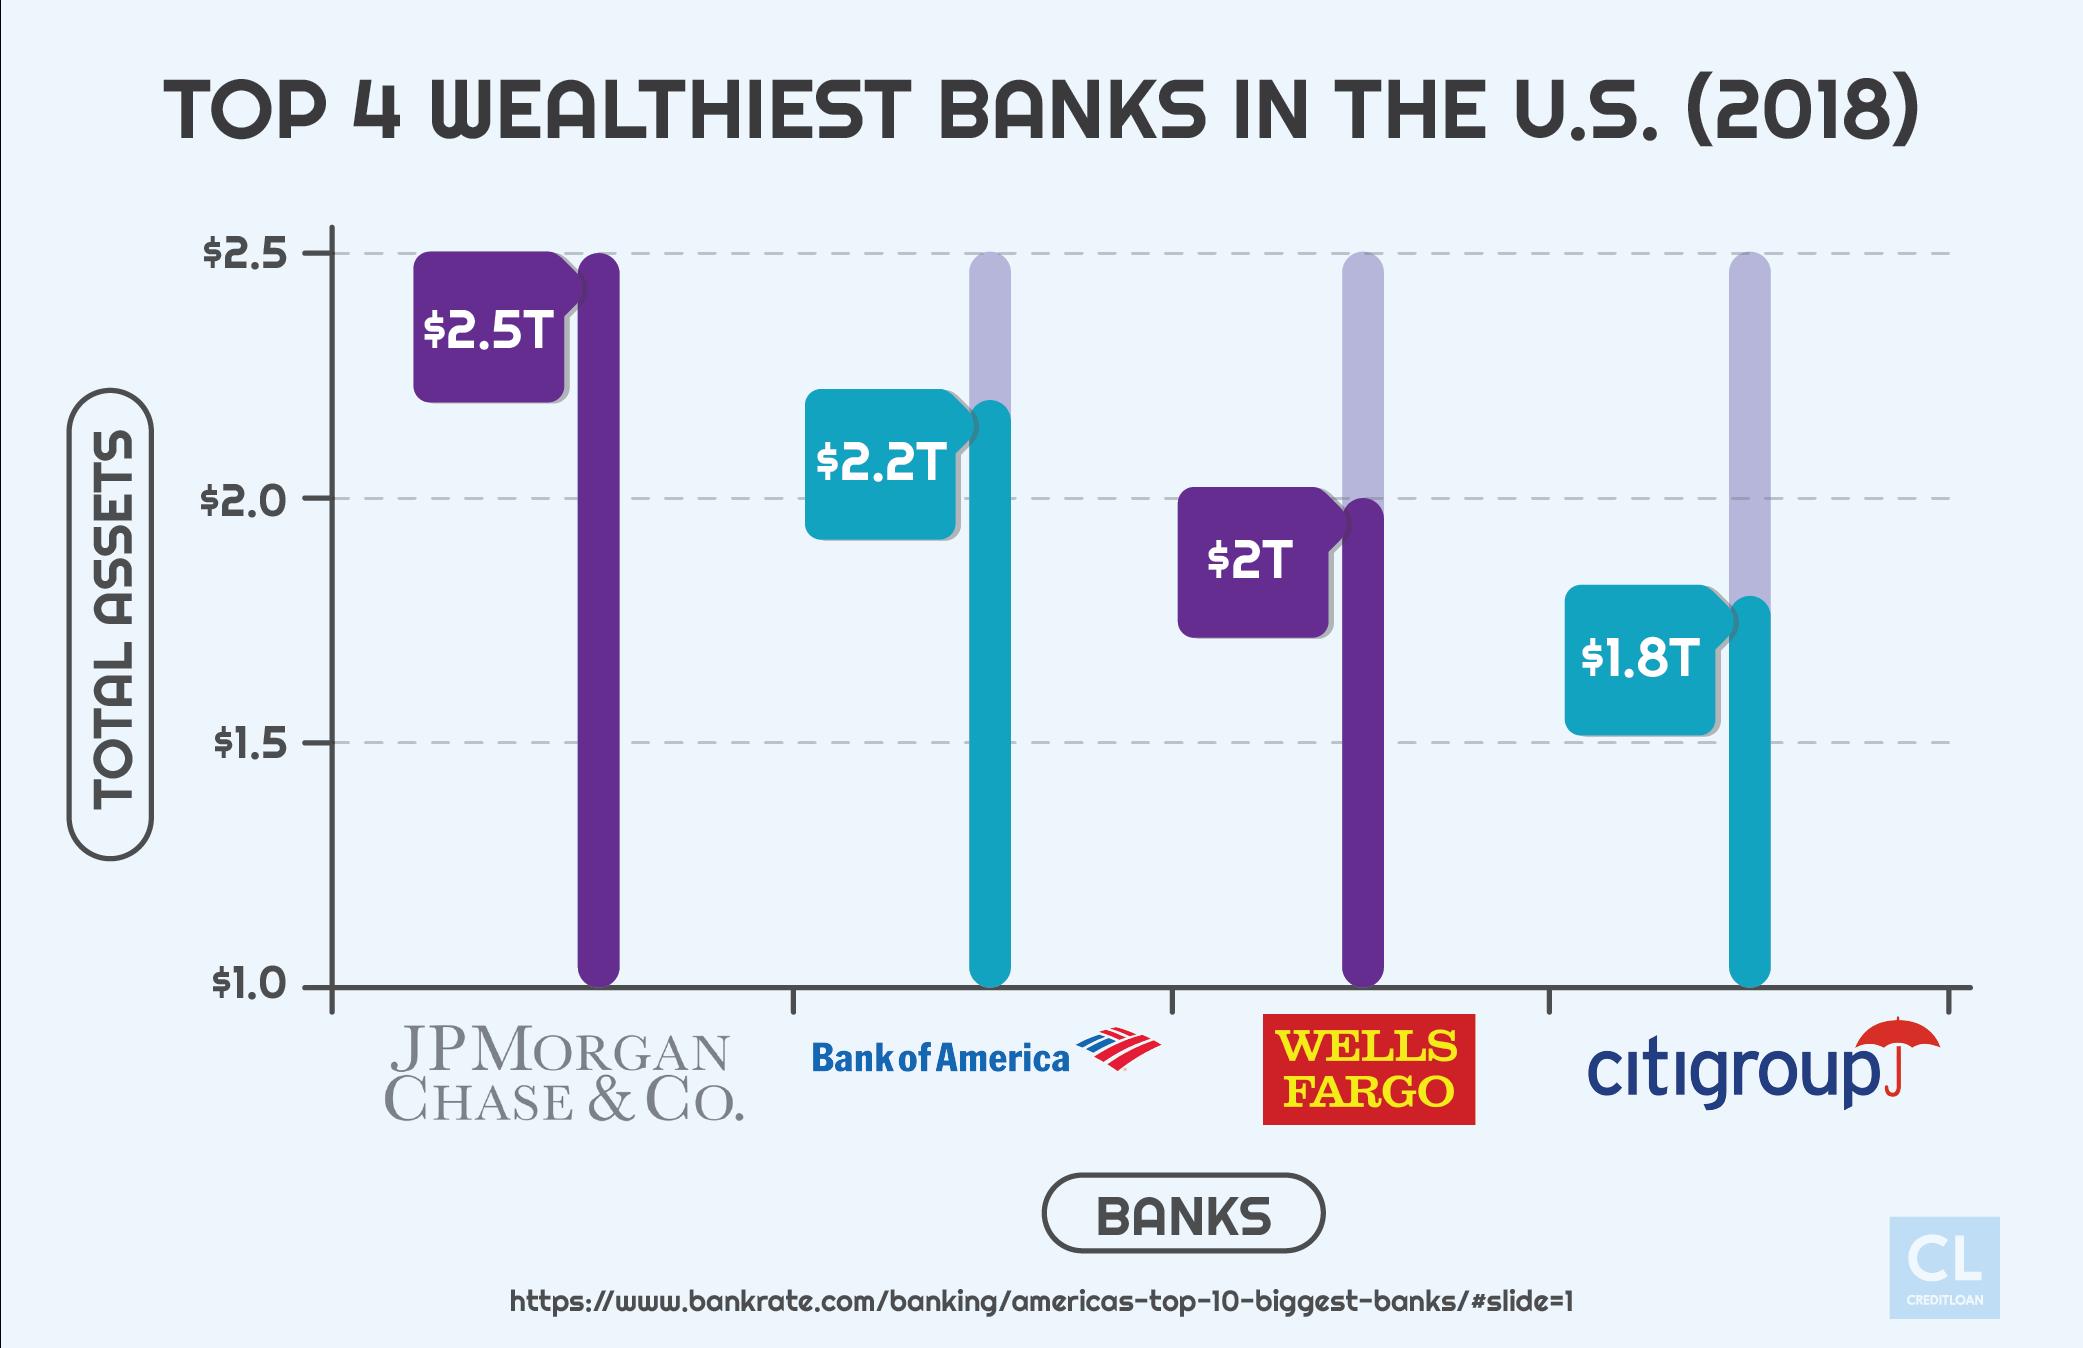 2018 Top 4 Wealthiest Banks in the U.S.